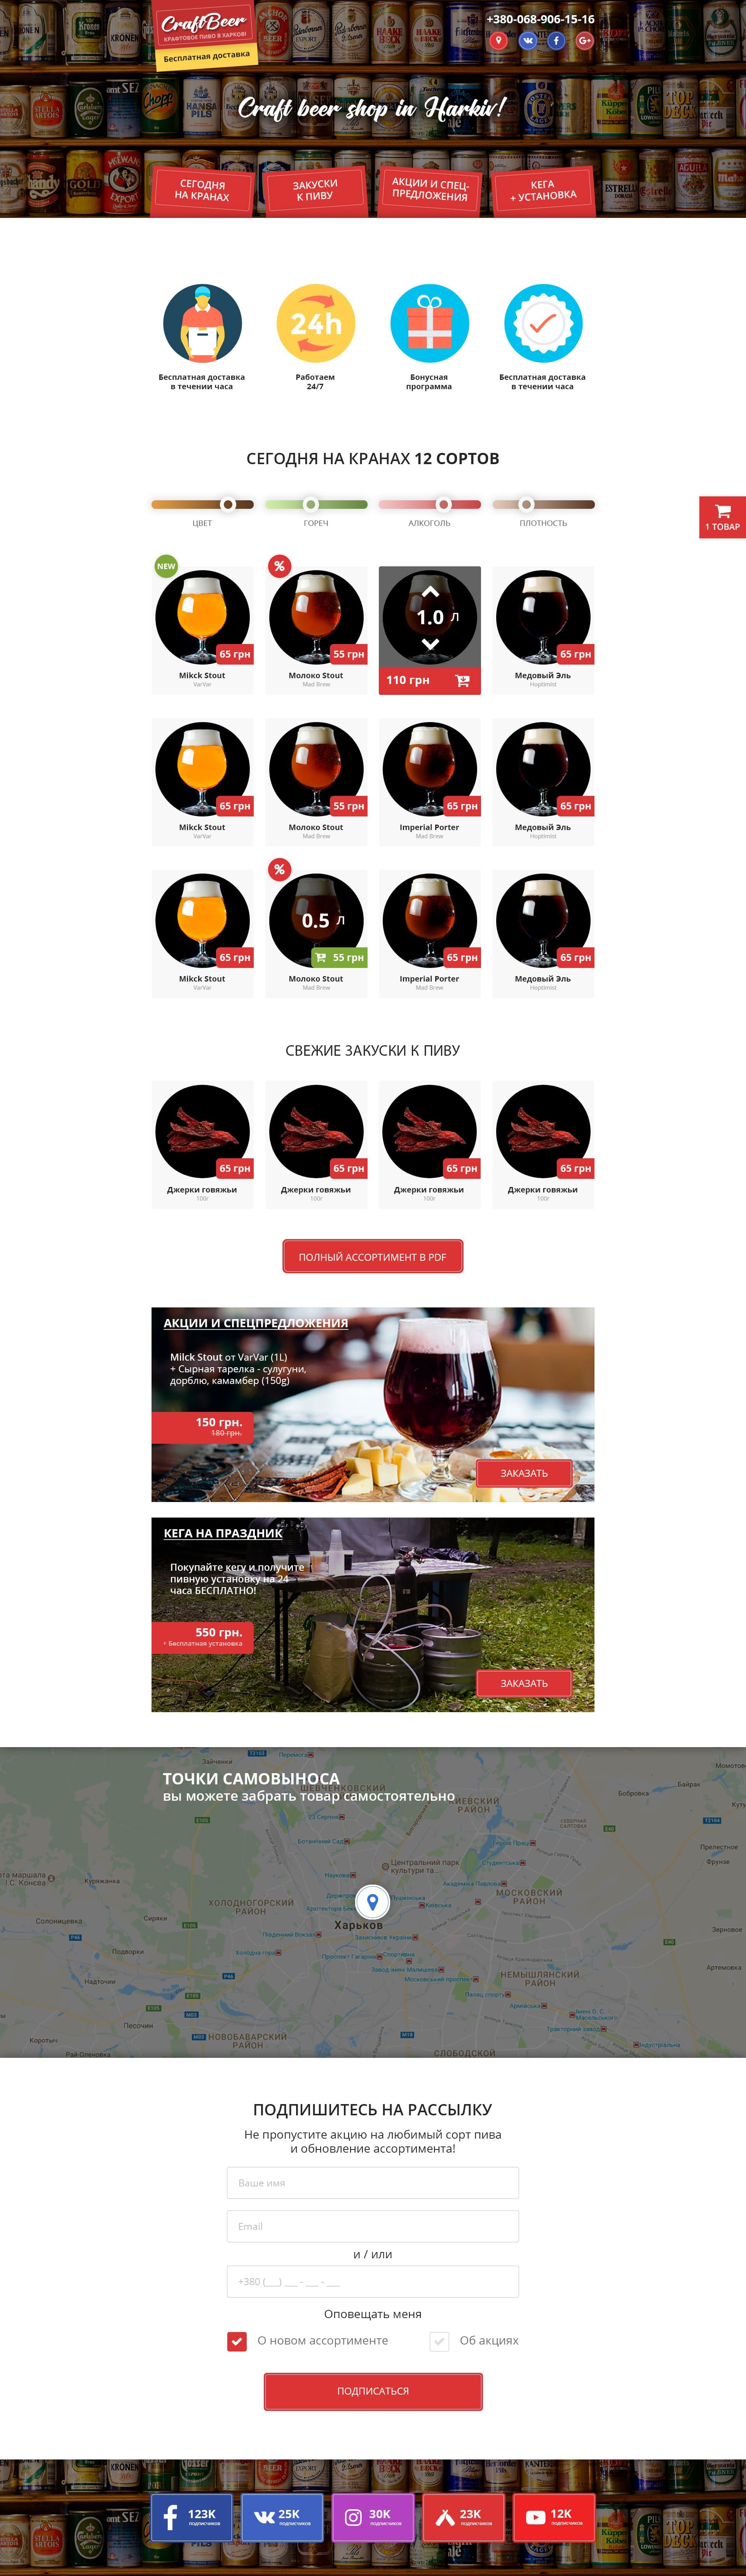 Дизайн лендинга, + страница Бонусов, + модальные окна фото f_4895a6a1dfd85824.jpg